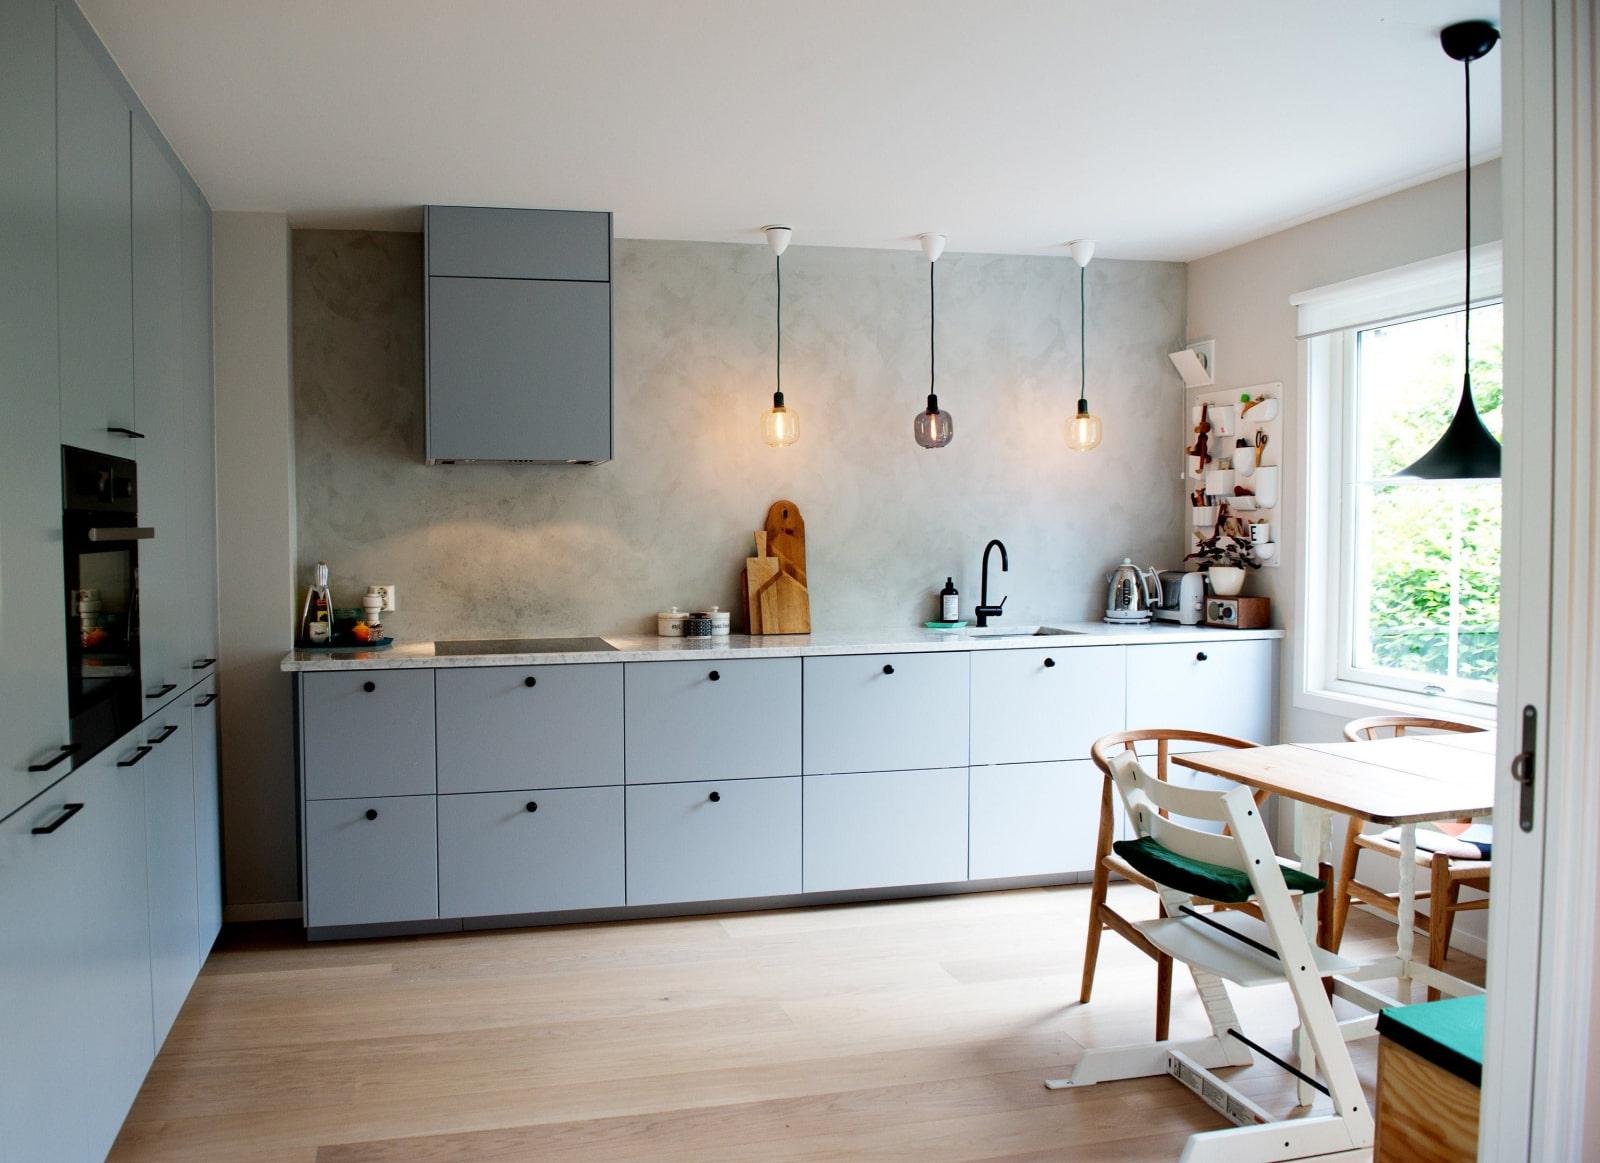 ничего удивительного кухонные гарнитуры без навесных шкафов фотографии выразила надежду